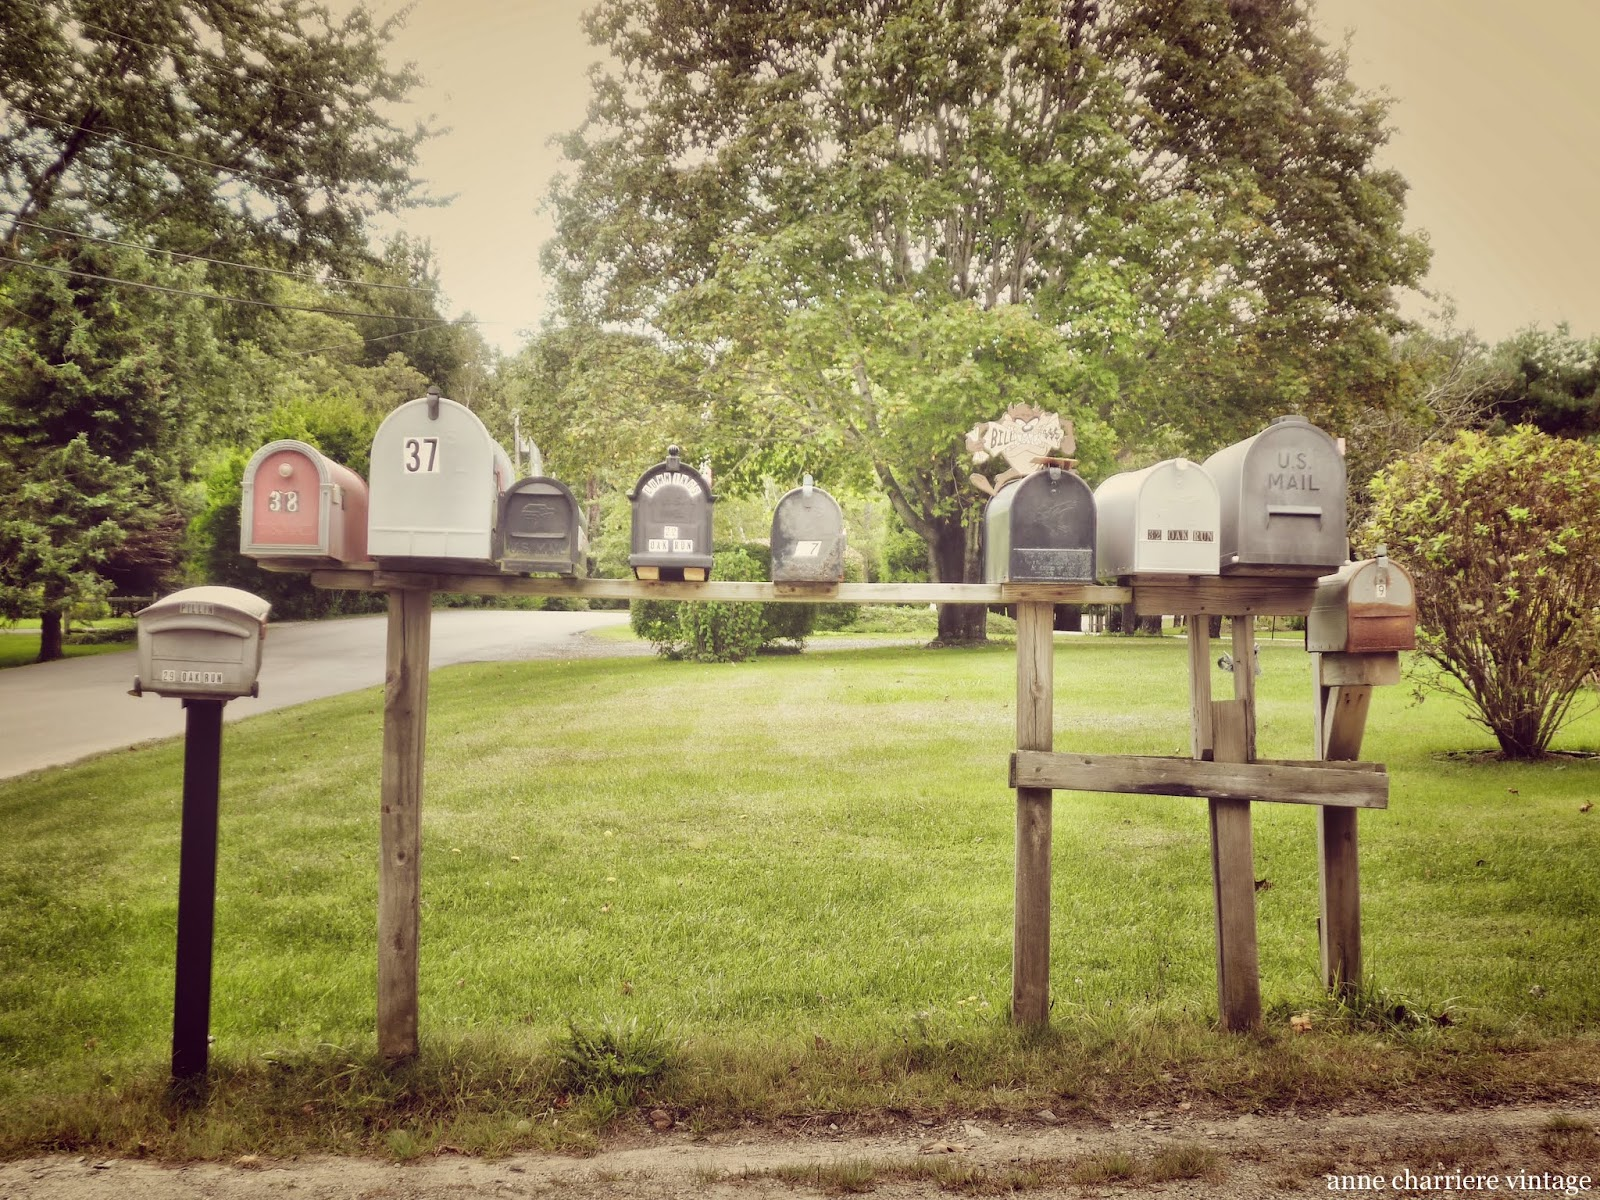 buzón de correo américano